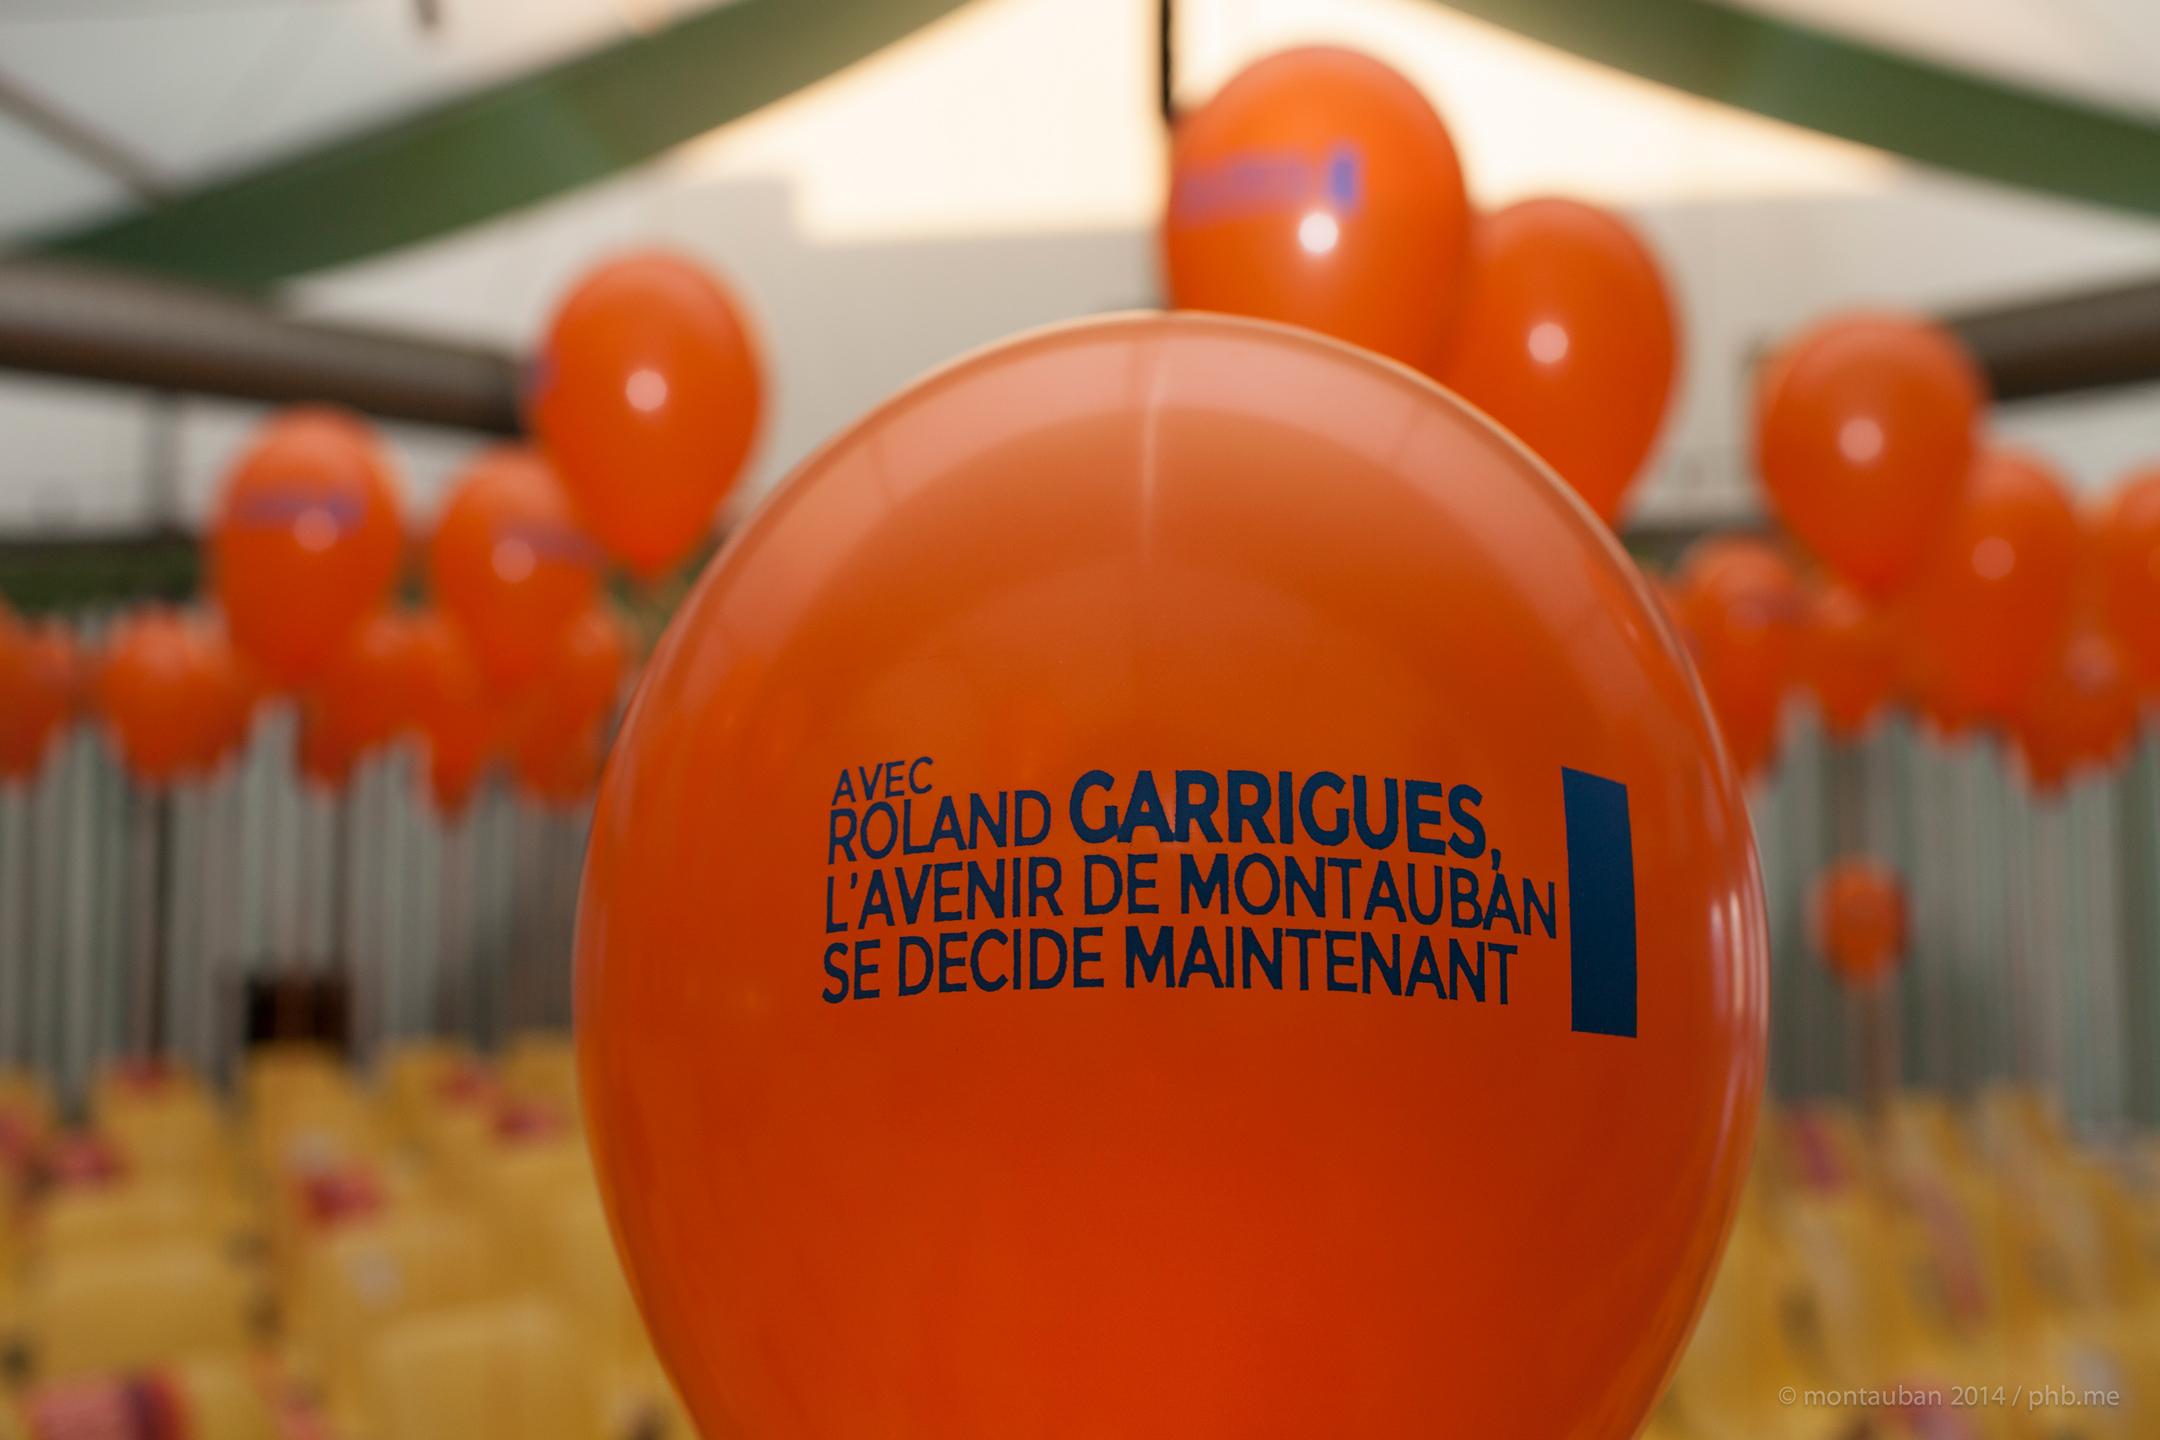 Meeting-Roland-Garrigues-Montauban-2014-IMG_2574